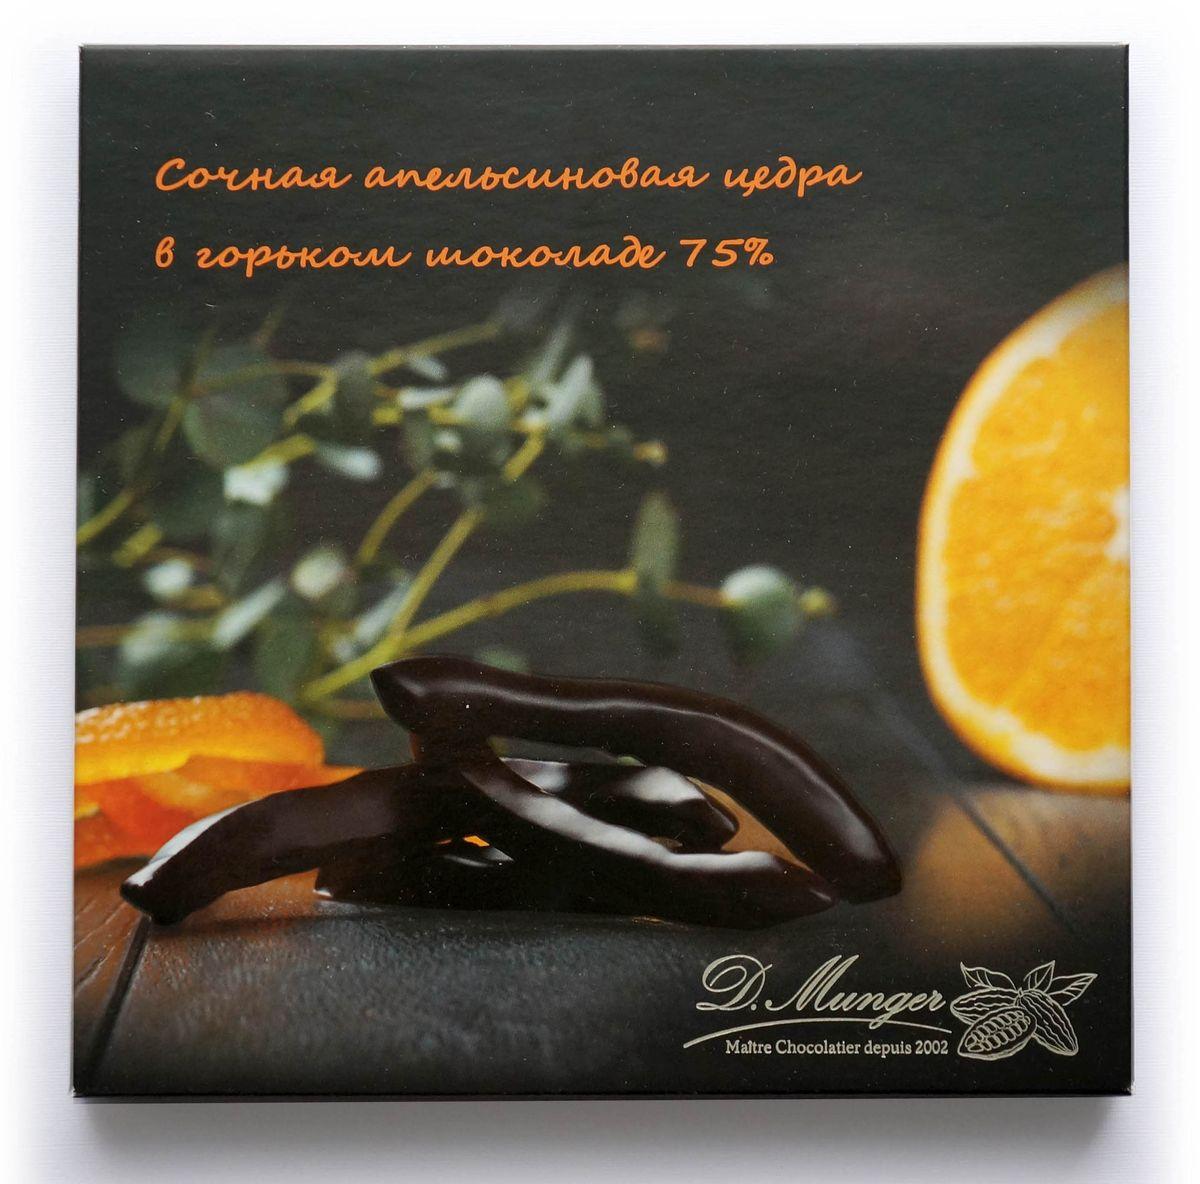 Chocolatier D.Munger цукаты апельсина в горьком шоколаде, 110 г